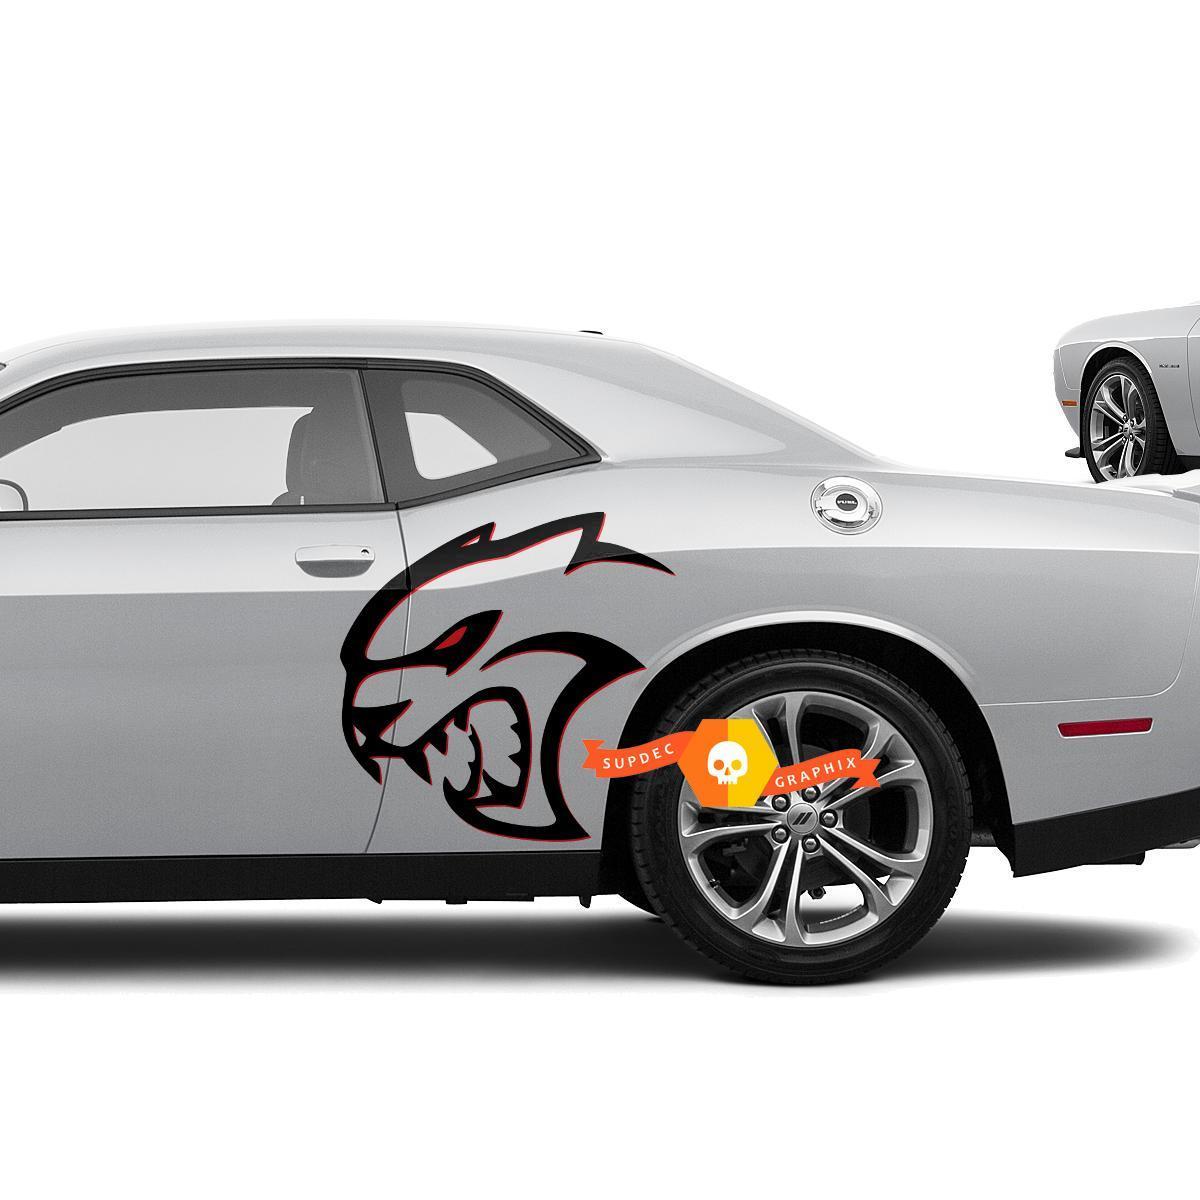 Zwei Farben Hellcat Red Eye Side Decals Aufkleber für Dodge Challenger Redeye oder Charger